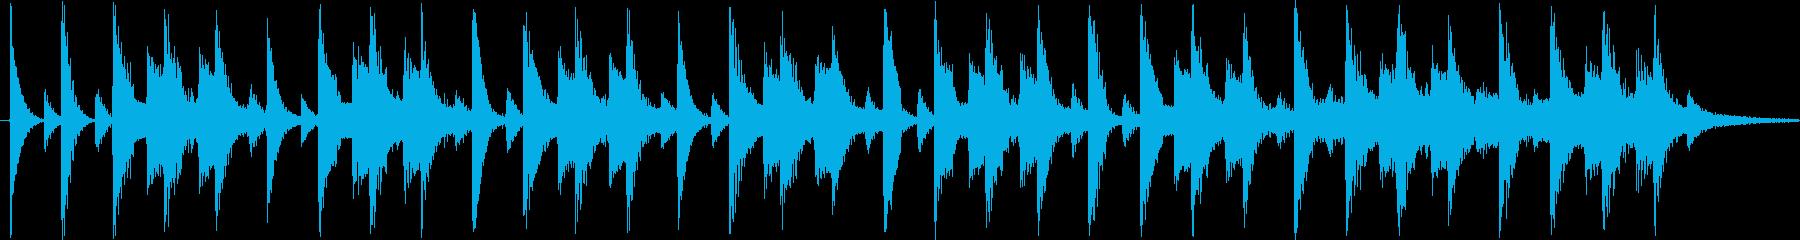 アナログシンセ全盛期みたいなレトロテクノの再生済みの波形